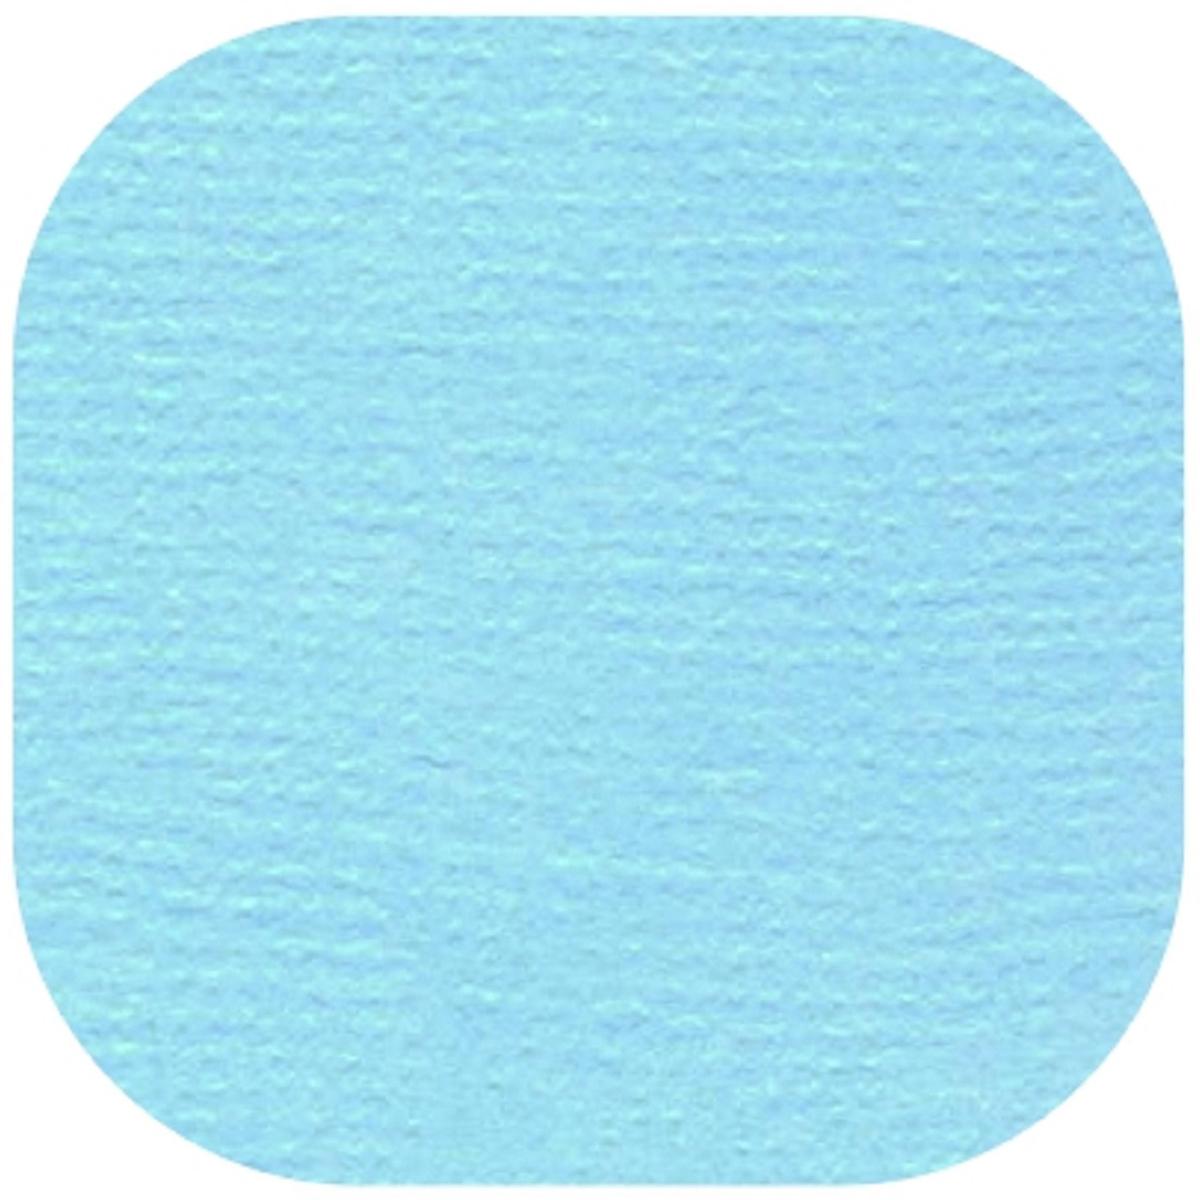 Бумага текстурированная Рукоделие Тихий океан, 30,5 х 30,5 см, 10 листовBO-53Бумага для скрапбукинга односторонняя. Набор текстурированной бумаги позволит создать красивый альбом, фоторамку или открытку ручной работы, оформить подарок или аппликацию. В наборе: 10 листов. Плотность: 235 г/м2.